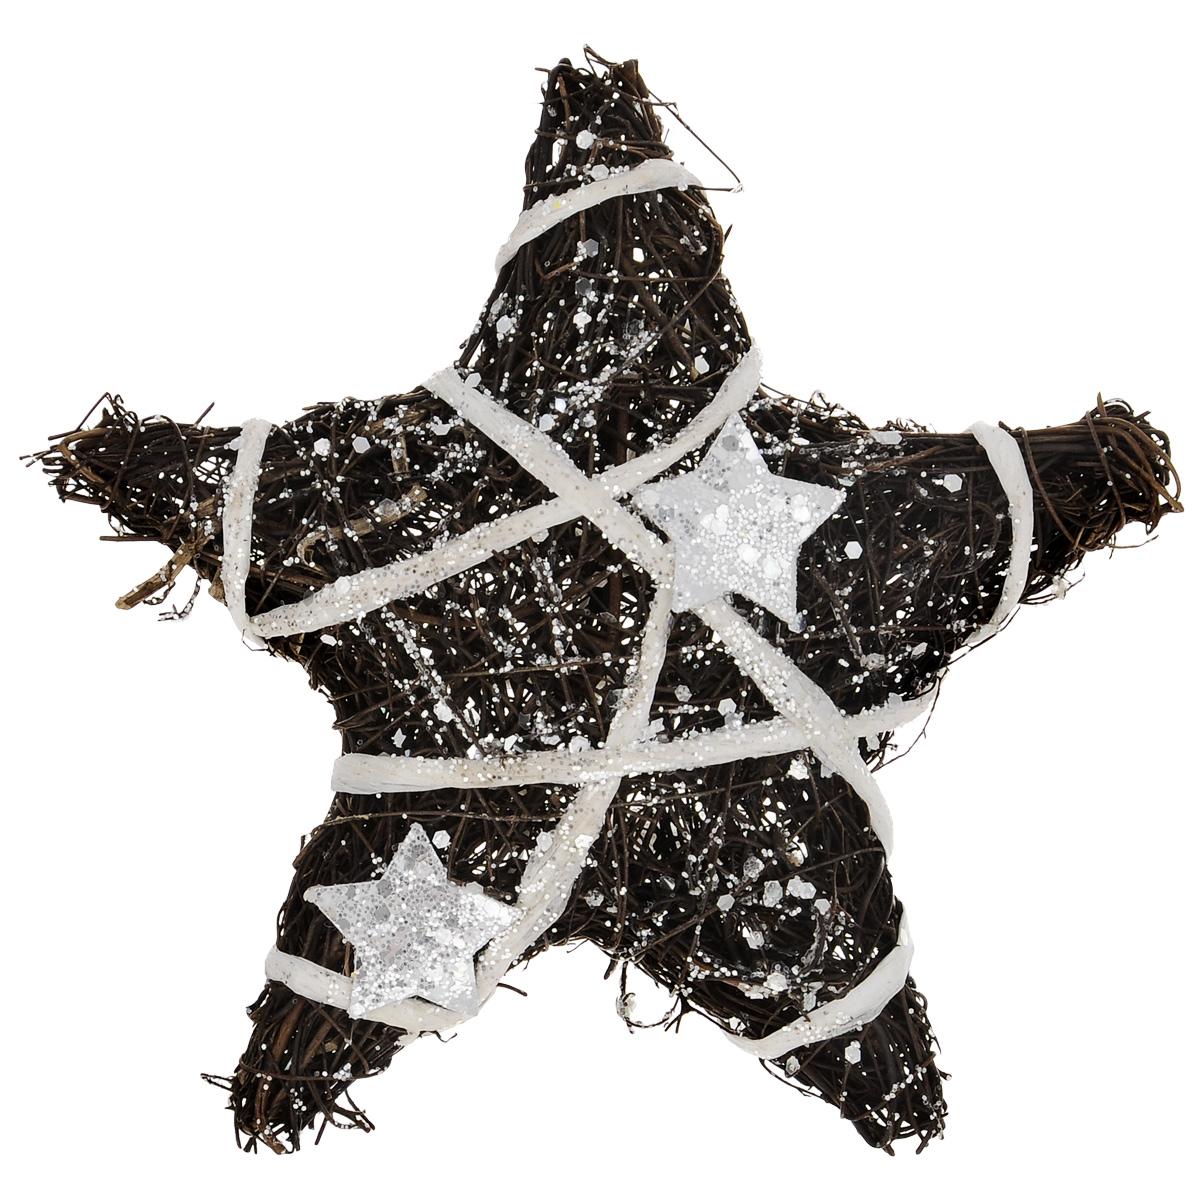 Новогоднее декоративное украшение ScrapBerrys Звездочка, 25 см х 25 см х 5 смSCB370217Украшение ScrapBerrys Звездочка имеет прочный металлический каркас, декорированный небольшими плетеными прутьями, бумажной лентой и звездами, покрытый сверкающим глиттером. Декоративная звездочка дополнит интерьер любого помещения, а также может стать оригинальным подарком для ваших друзей и близких. Оформление помещения декоративным украшением создаст праздничную, по-настоящему радостную и теплую атмосферу. Новогодние украшения всегда несут в себе волшебство и красоту праздника. Создайте в своем доме атмосферу тепла, веселья и радости, украшая его всей семьей.